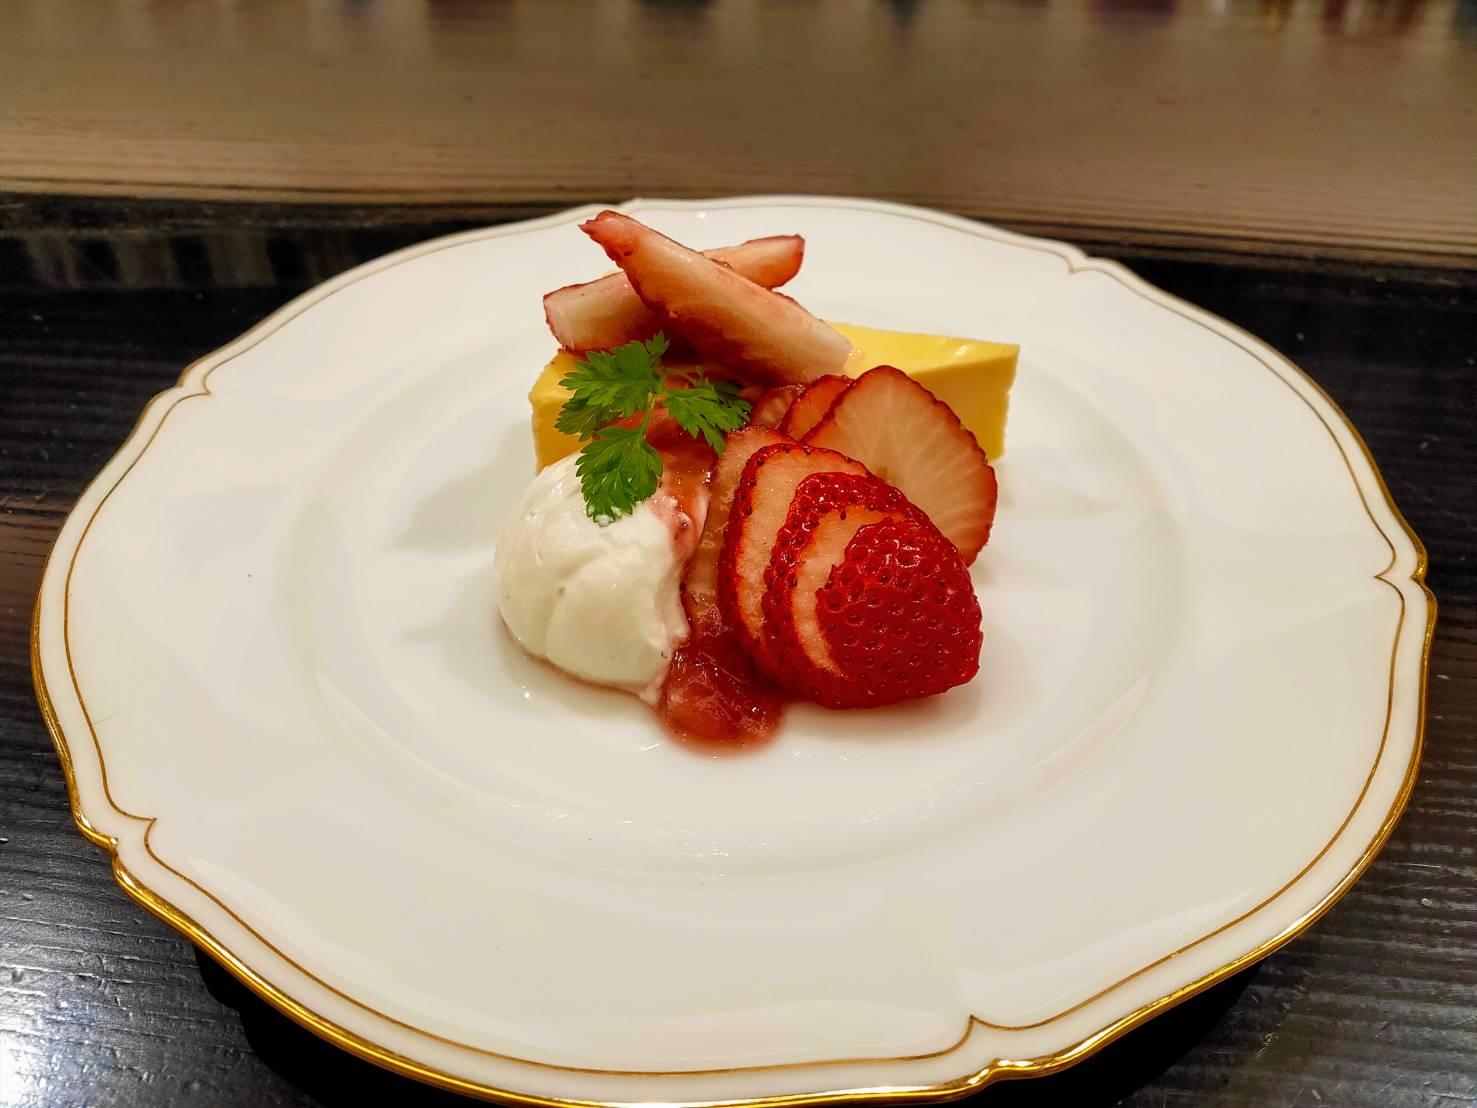 神戸市産いちごのチーズケーキ ヨーグルトクリーム添え